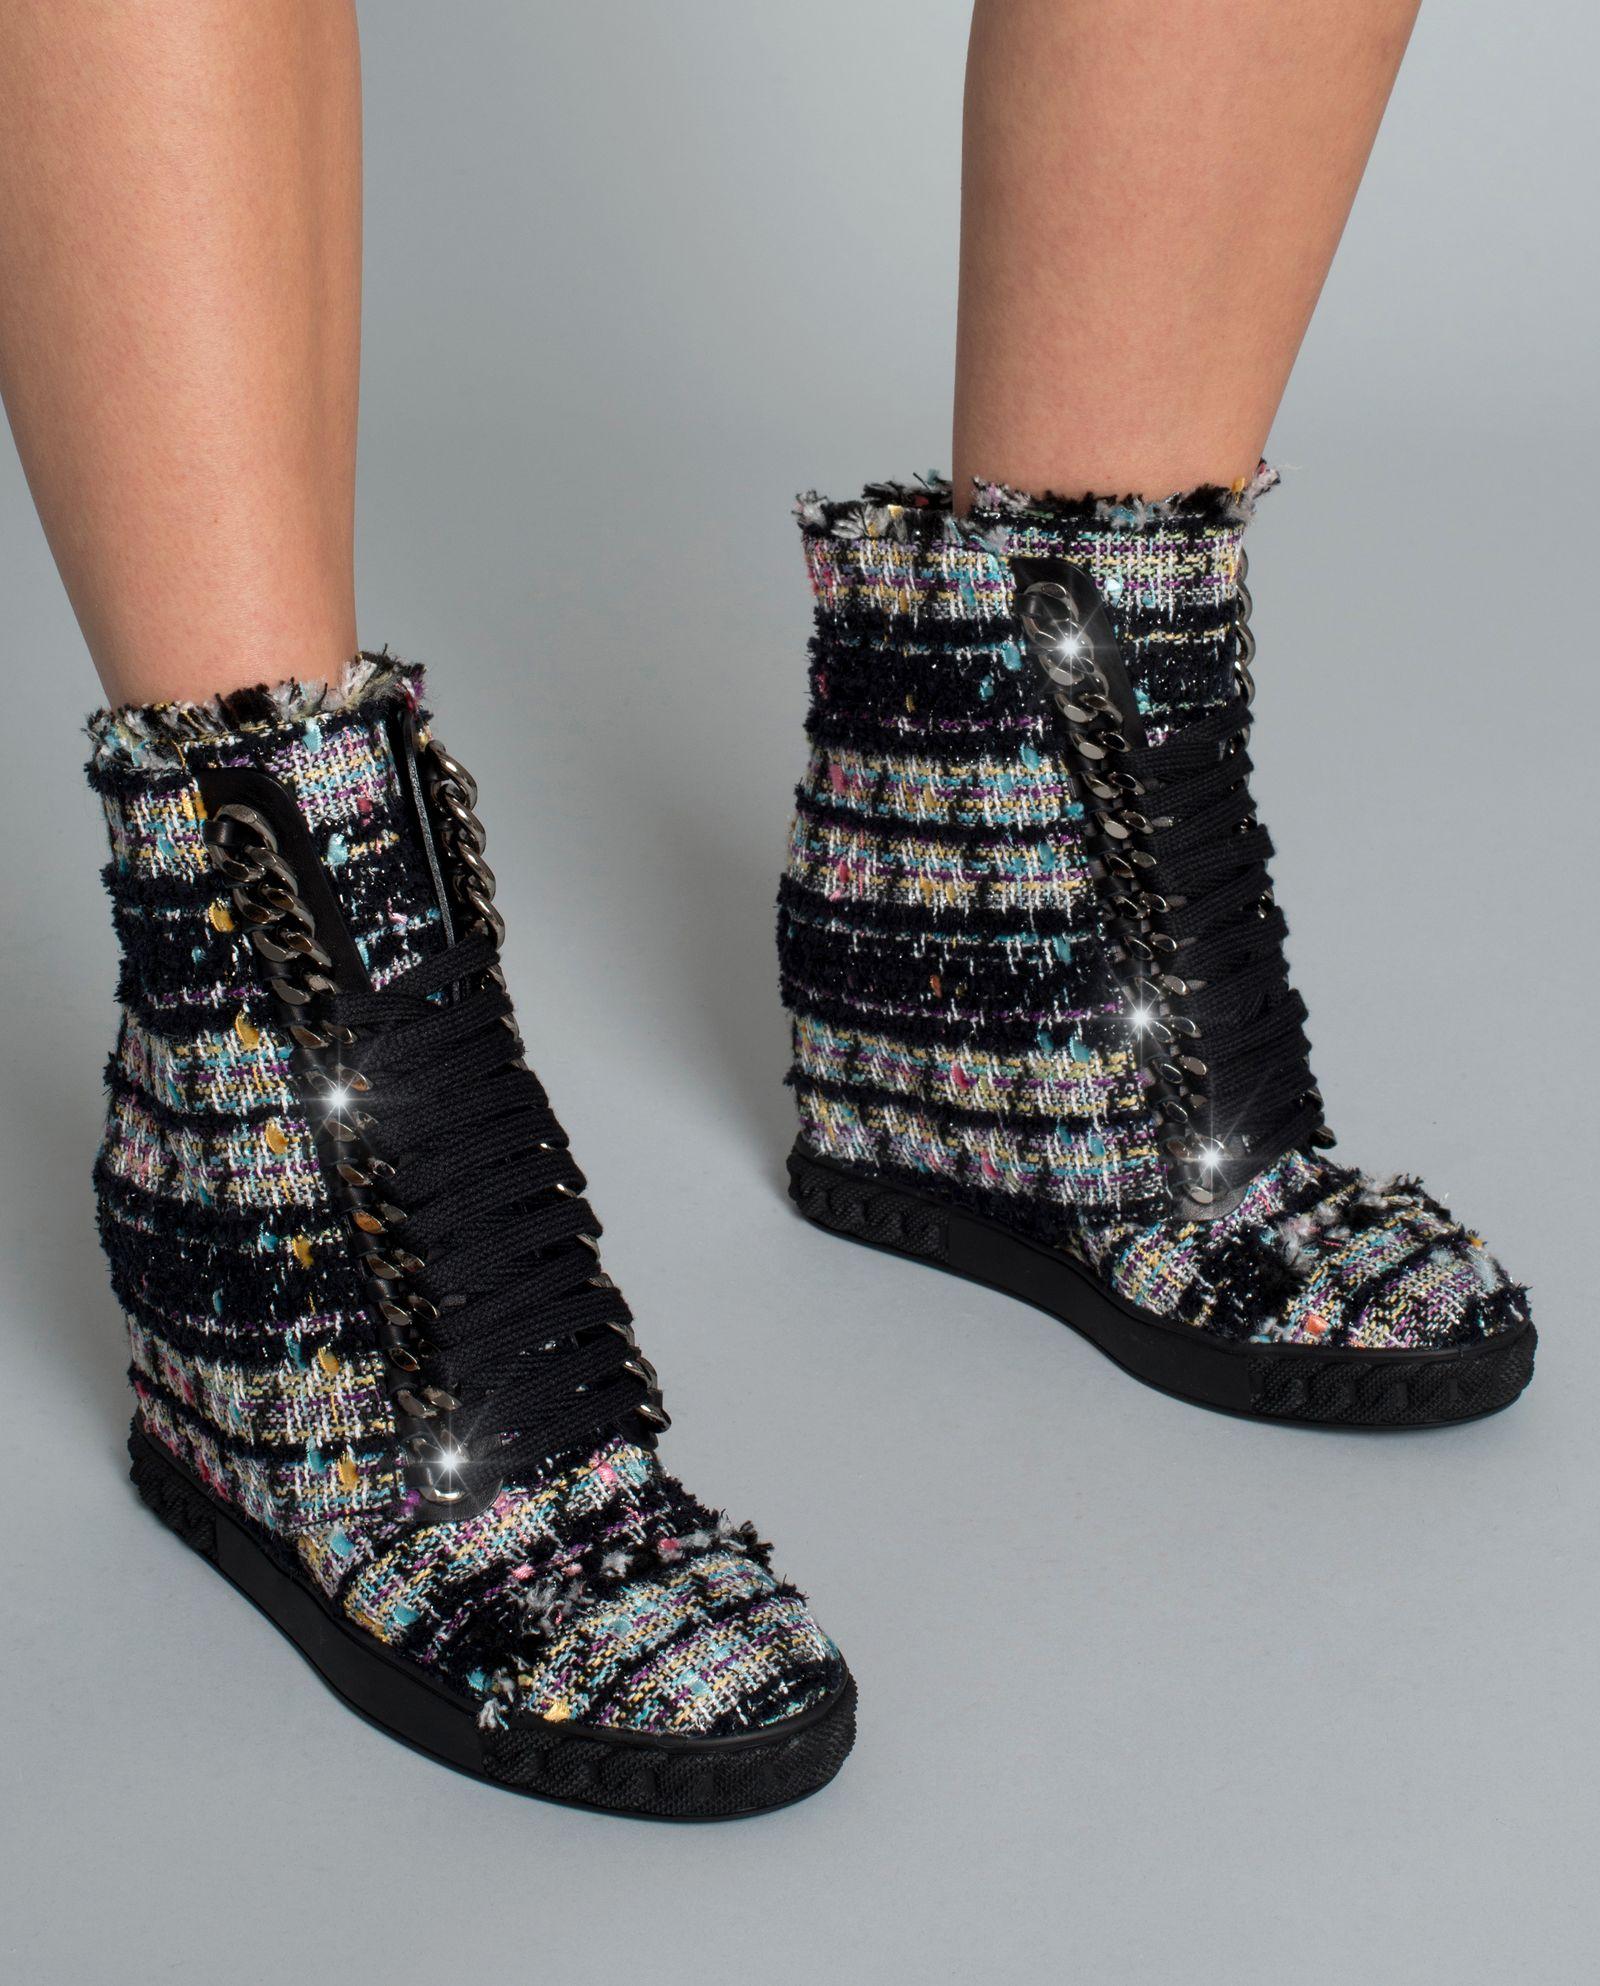 Sneakersy na skrytém klínu CASADEI – Kup teď! Nejlepší ceny a recenze!  Obchod Moliera2.cz. 5416ac5e99